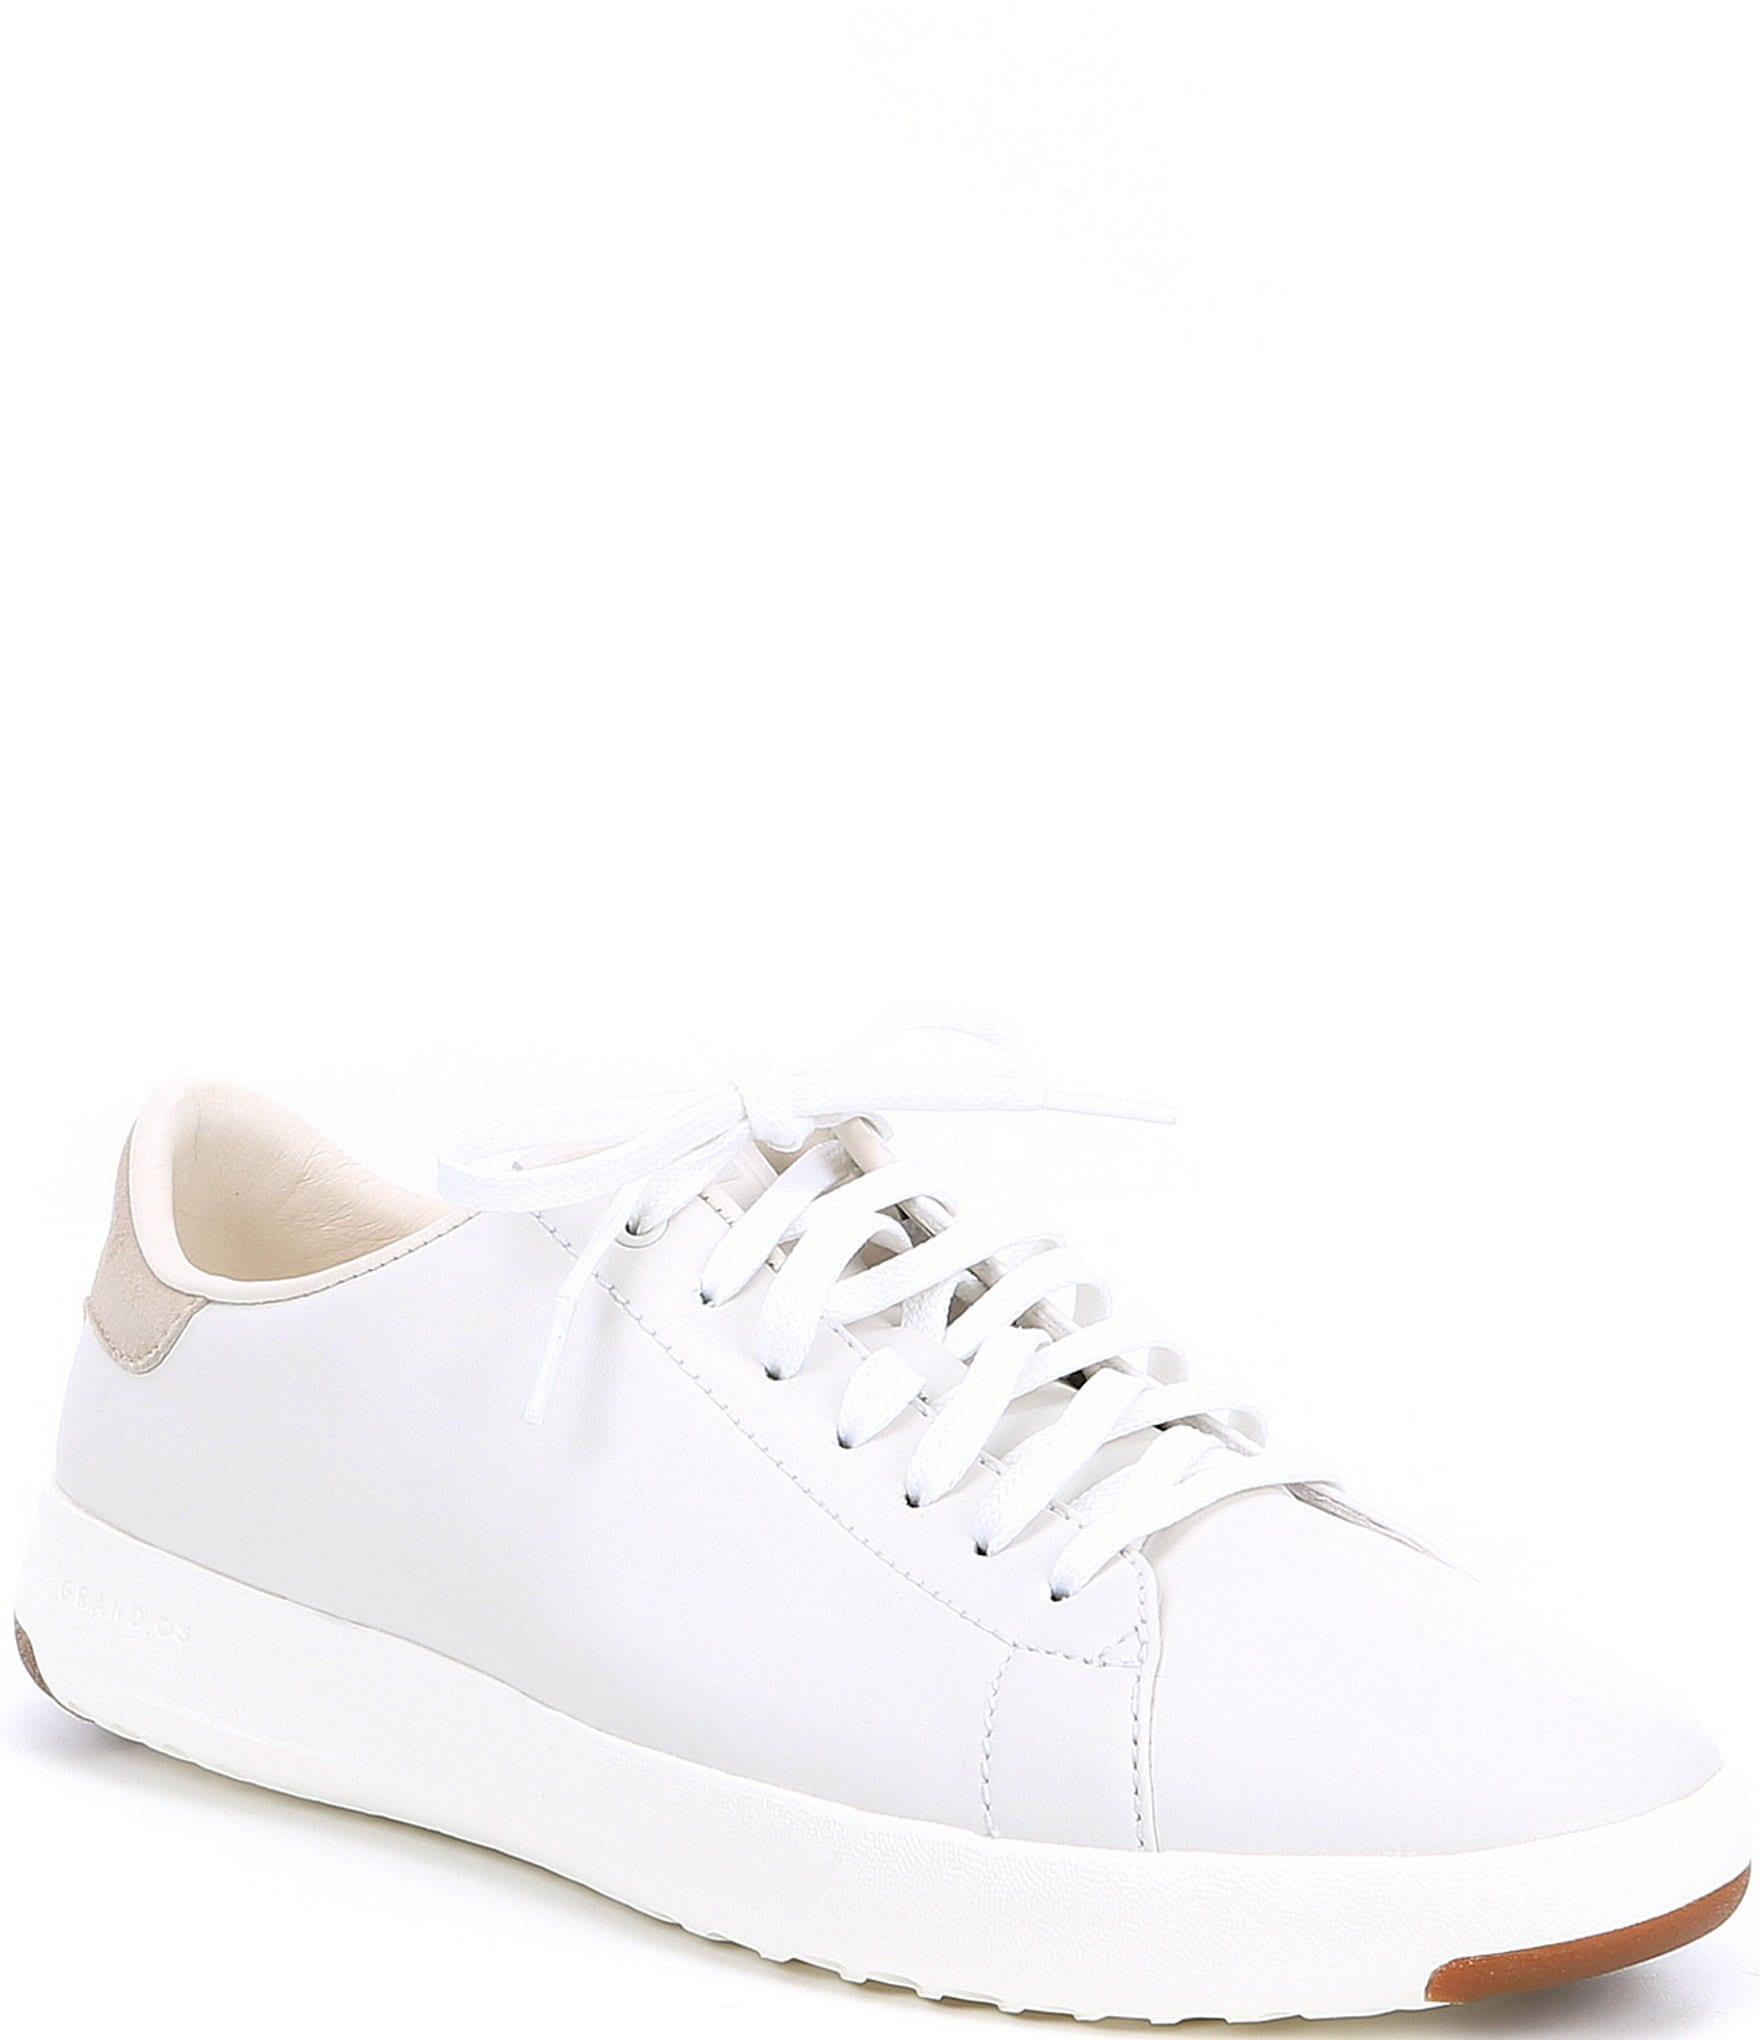 Cole Haan White Men's Shoes | Dillard's